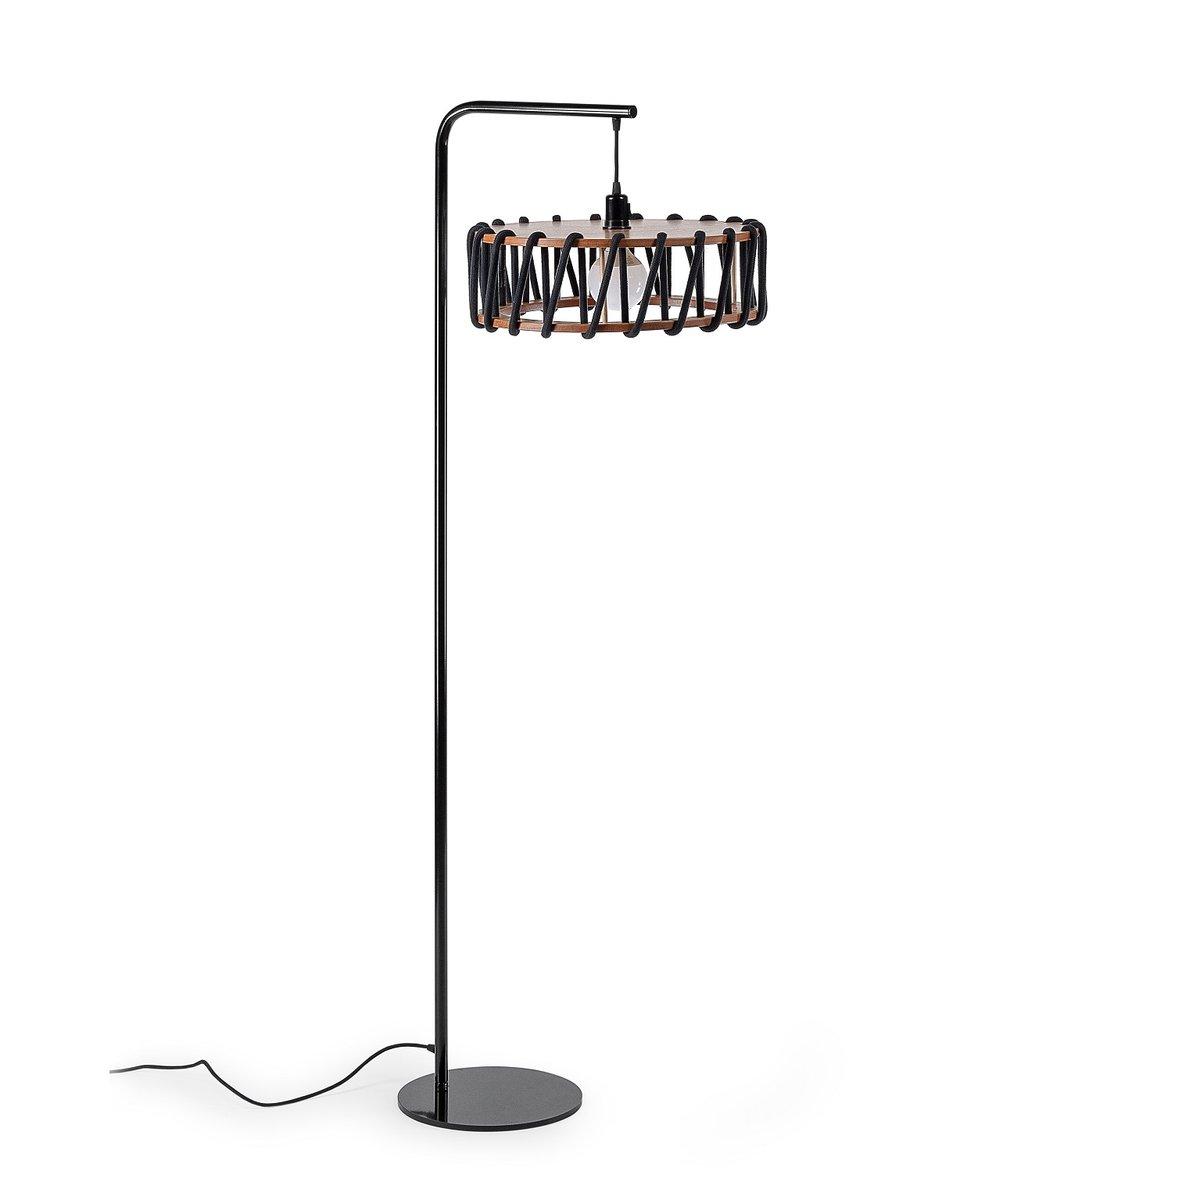 schwarze macaron stehlampe mit gro em schwarzen schirm von silvia ce al f r emko bei pamono kaufen. Black Bedroom Furniture Sets. Home Design Ideas